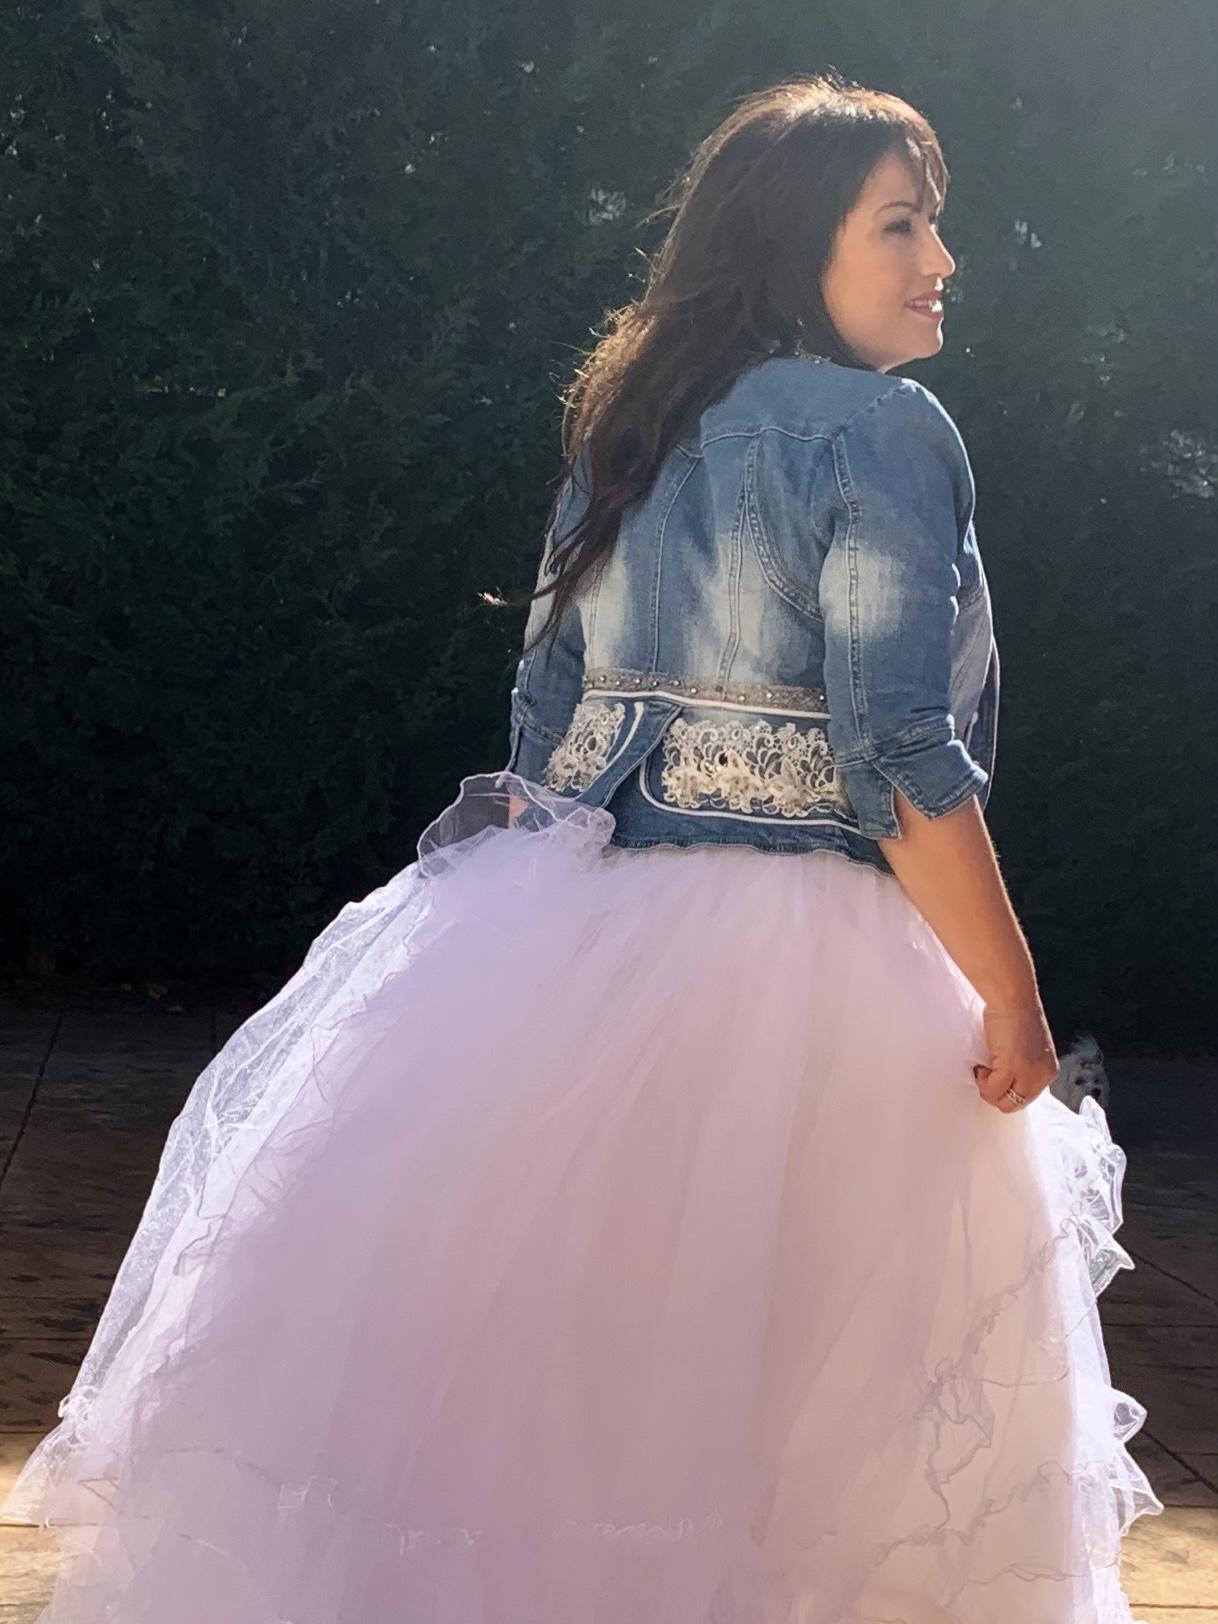 whynot-shopper-vestido-de-novia-blogger-nupcial-tul-denim-riñonera